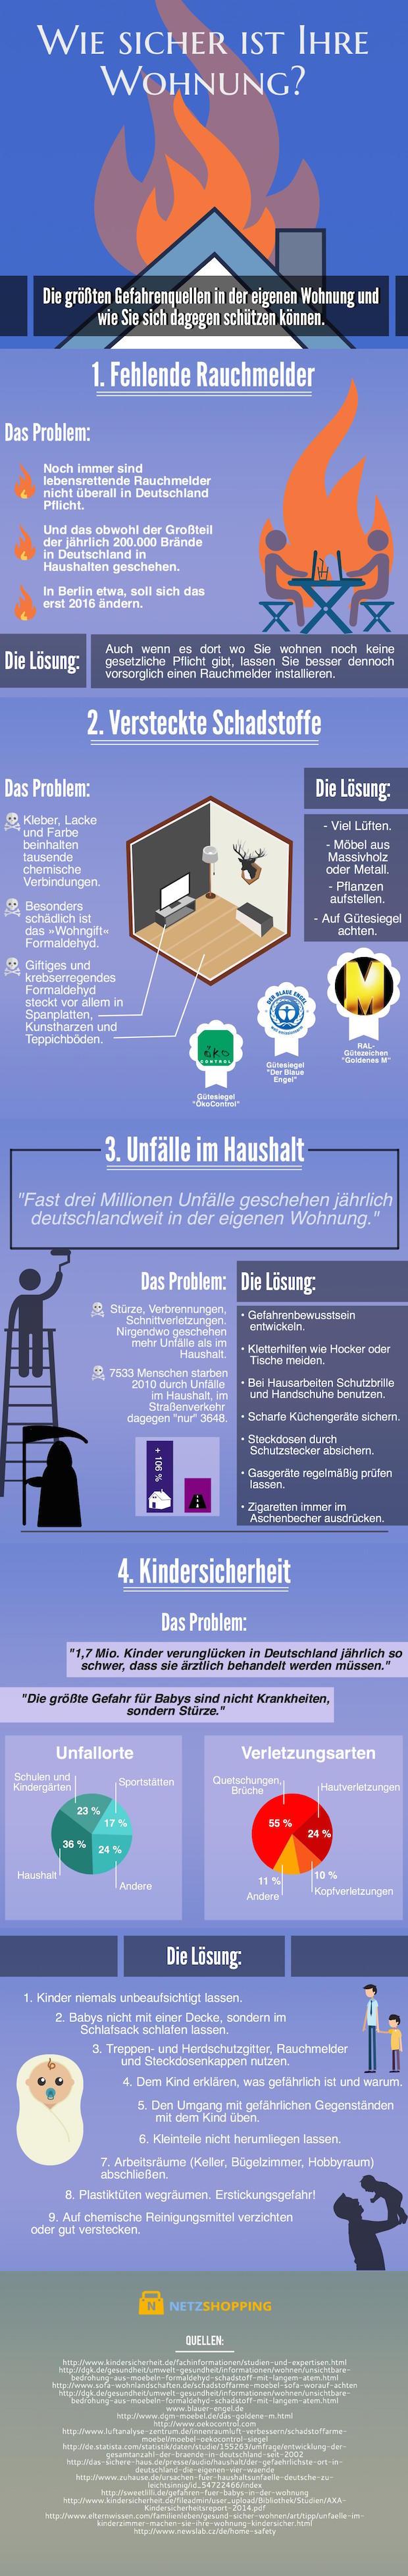 Photo of Infografik: Wie sicher ist Ihre Wohnung?